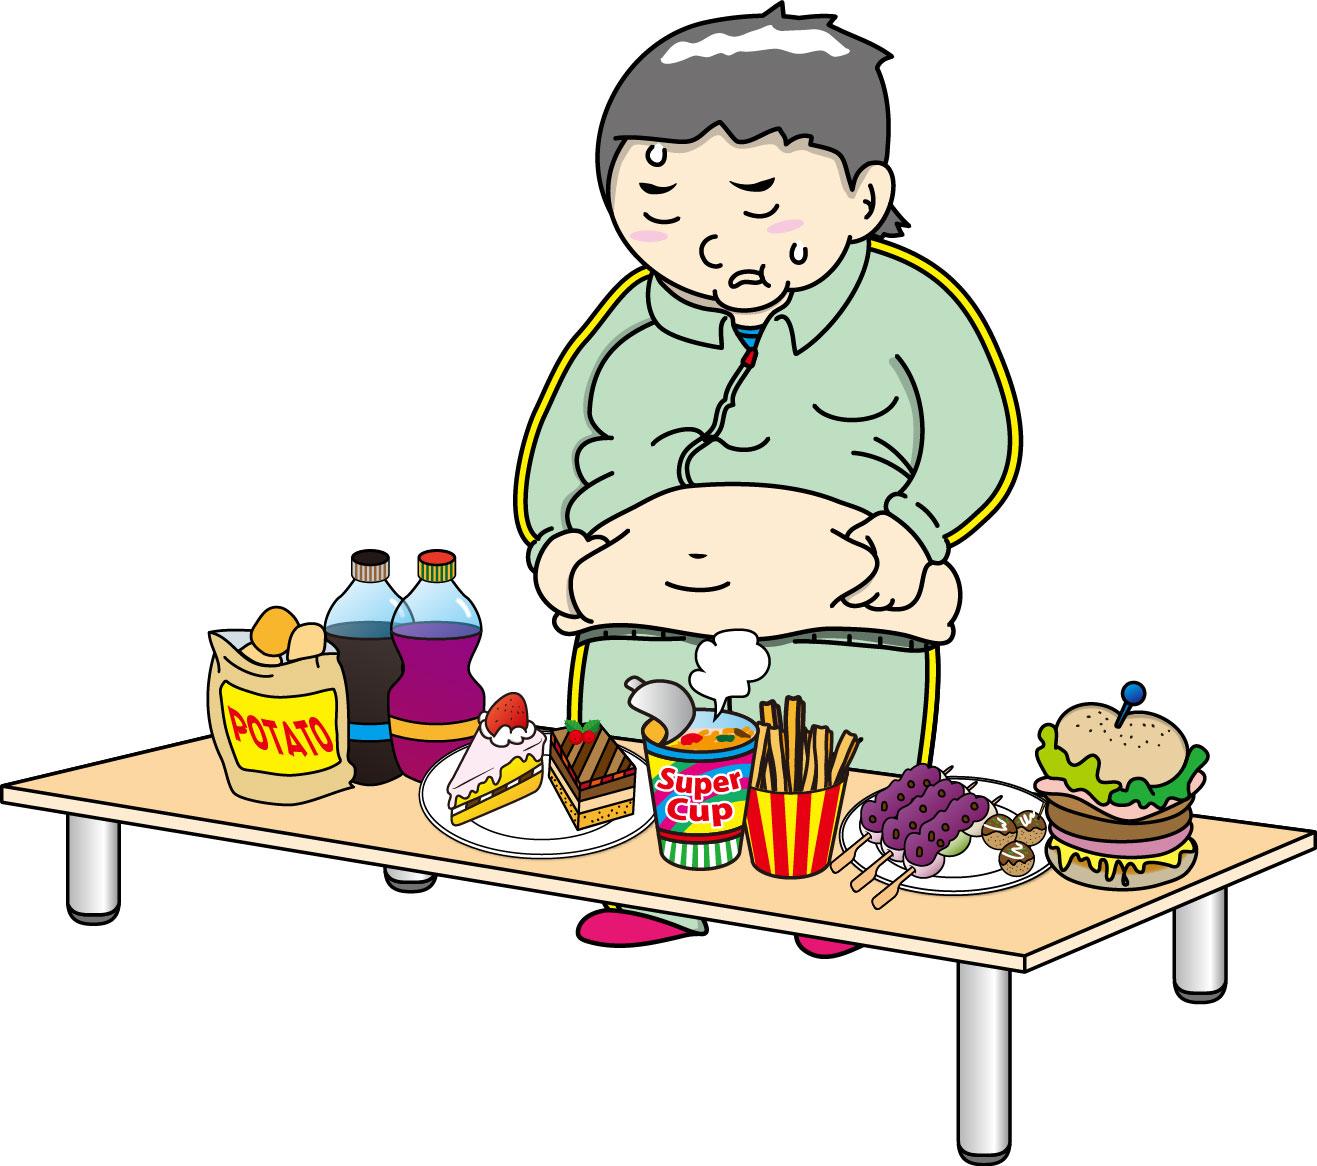 インスリン抵抗性の原因は脂肪。血糖値が下がらない恐怖